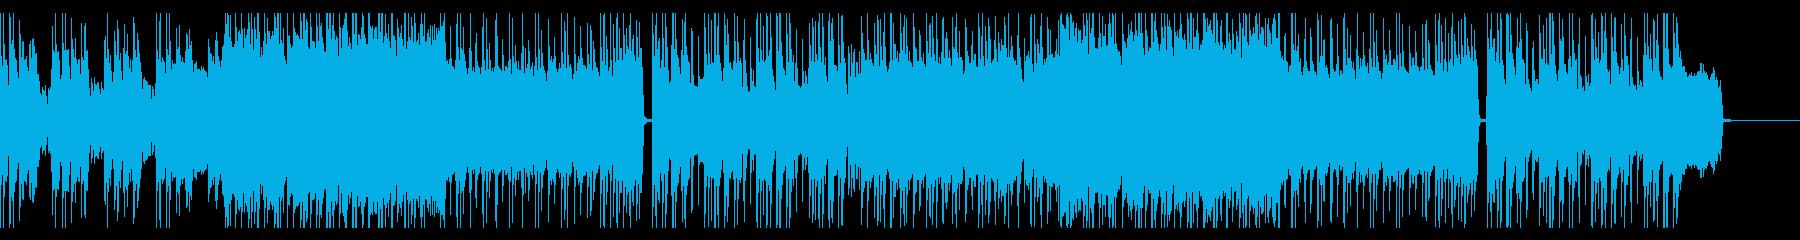 ノリのいい元気なロックの再生済みの波形